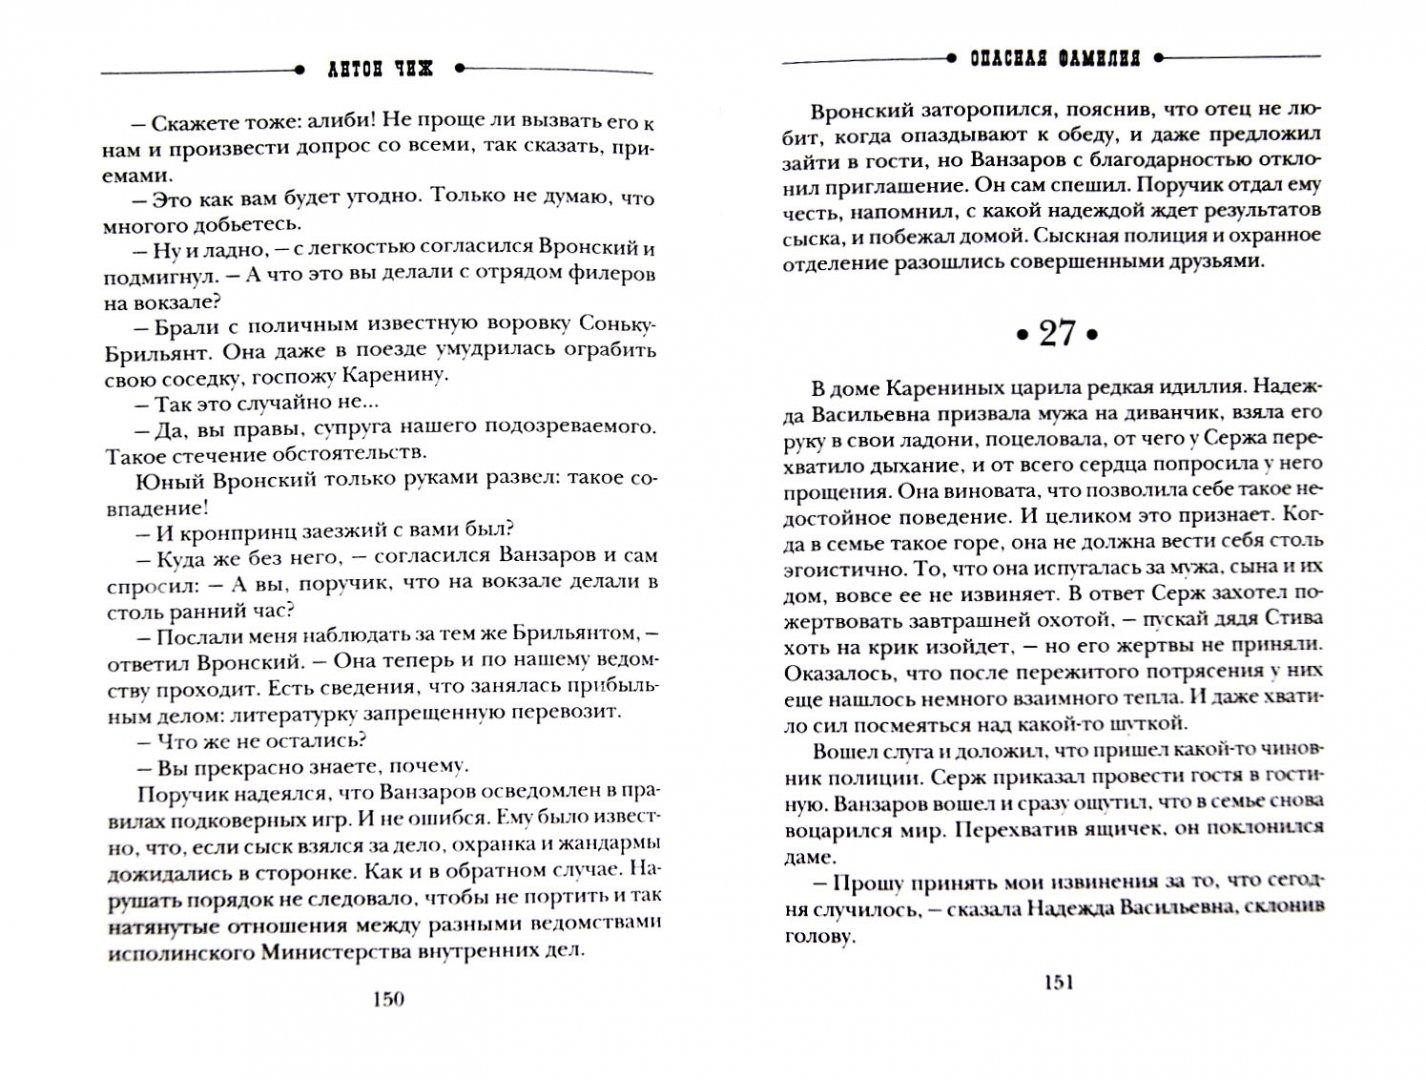 Иллюстрация 1 из 13 для Опасная фамилия - Антон Чиж | Лабиринт - книги. Источник: Лабиринт